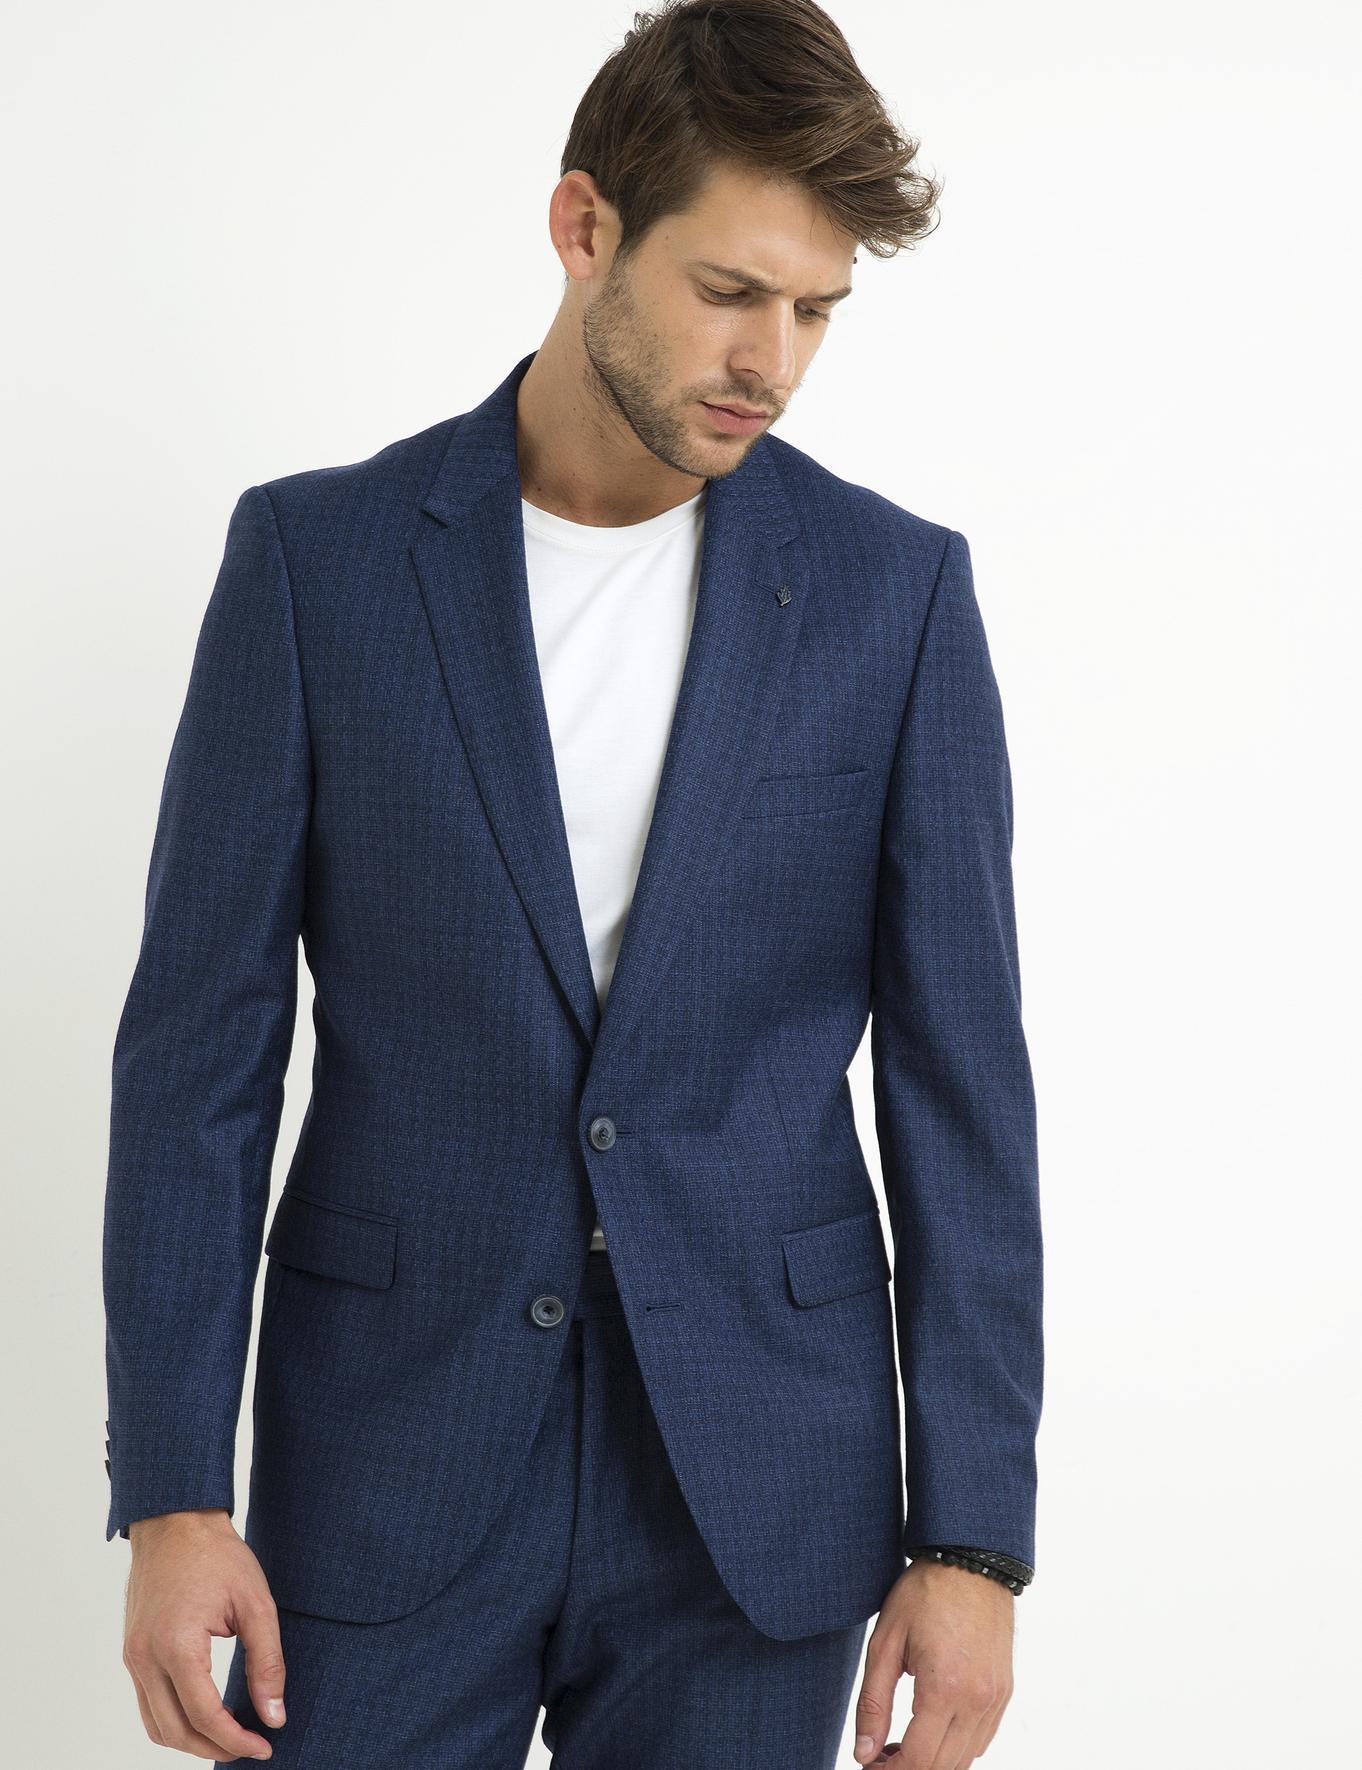 Lacivert Slim Fit Takım Elbise - 50200678024